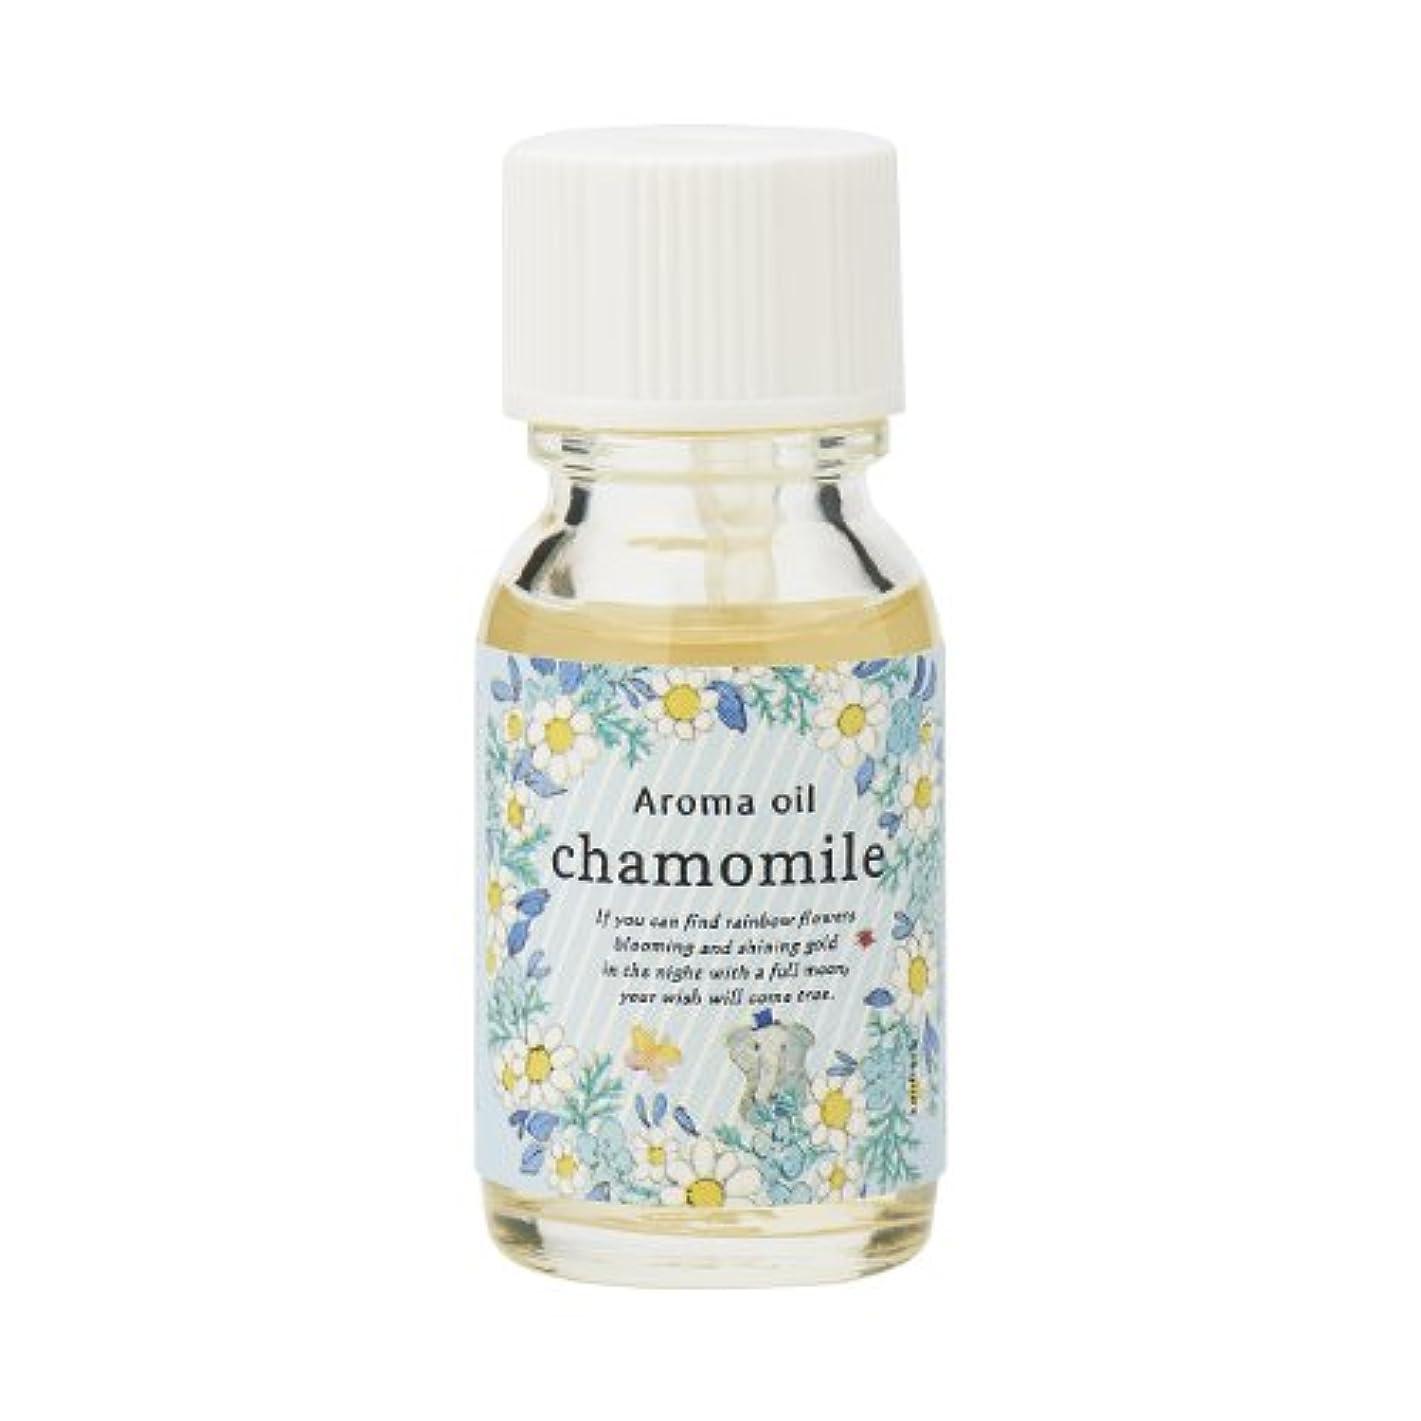 散らすオールほめるサンハーブ アロマオイル カモマイル 13ml(やさしく穏やかな甘い香り)